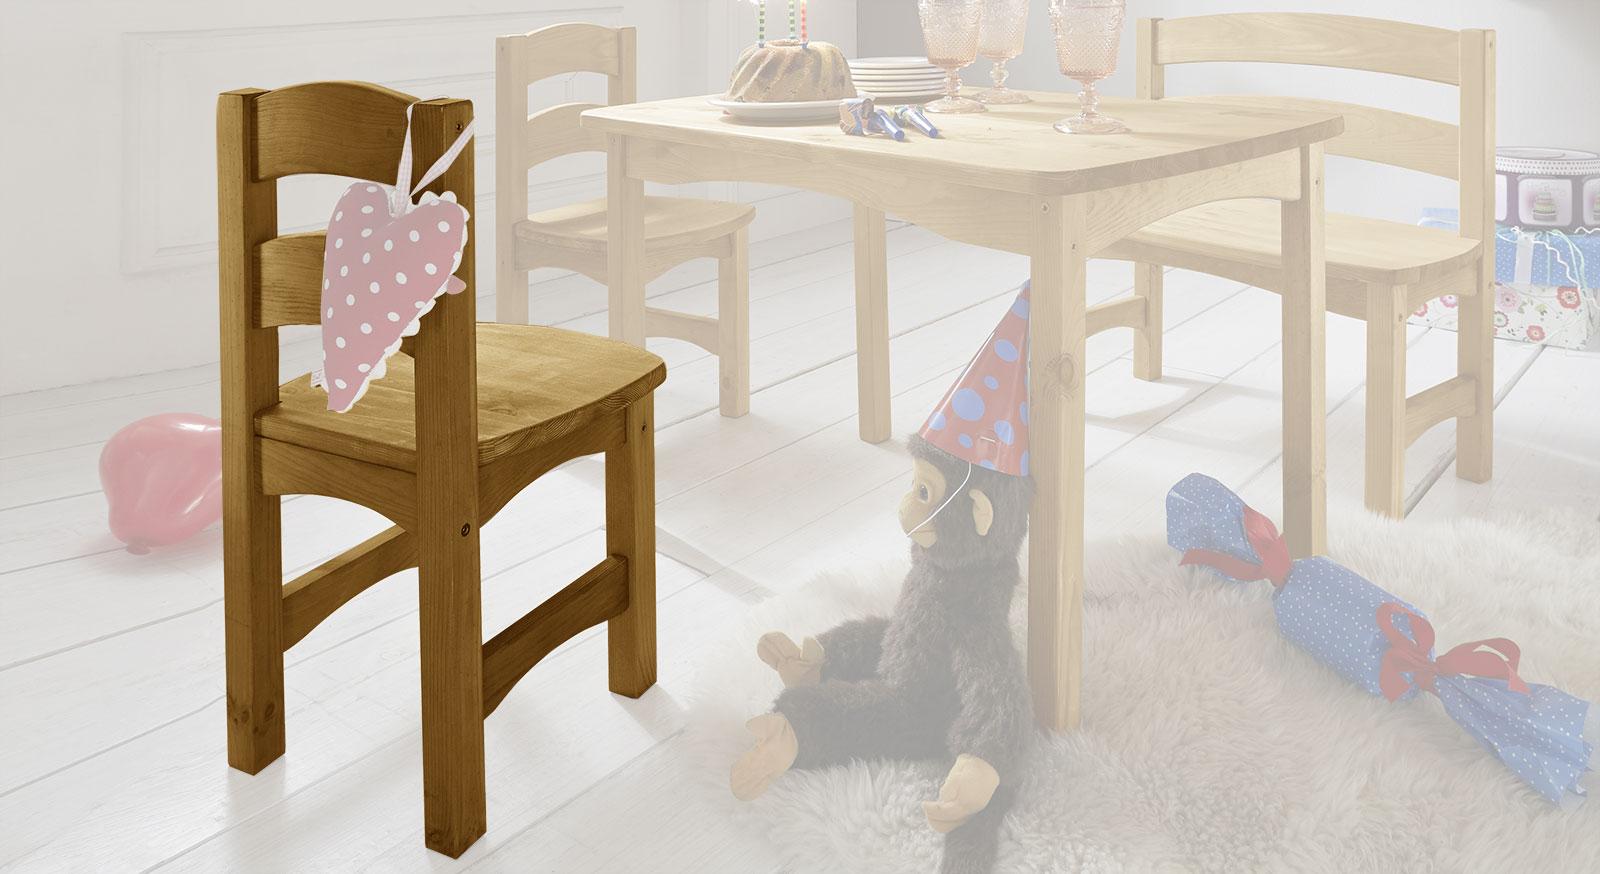 Erweiterung für die Kindersitzgruppe Kids Paradise - Stuhl in Kiefer gelaugt